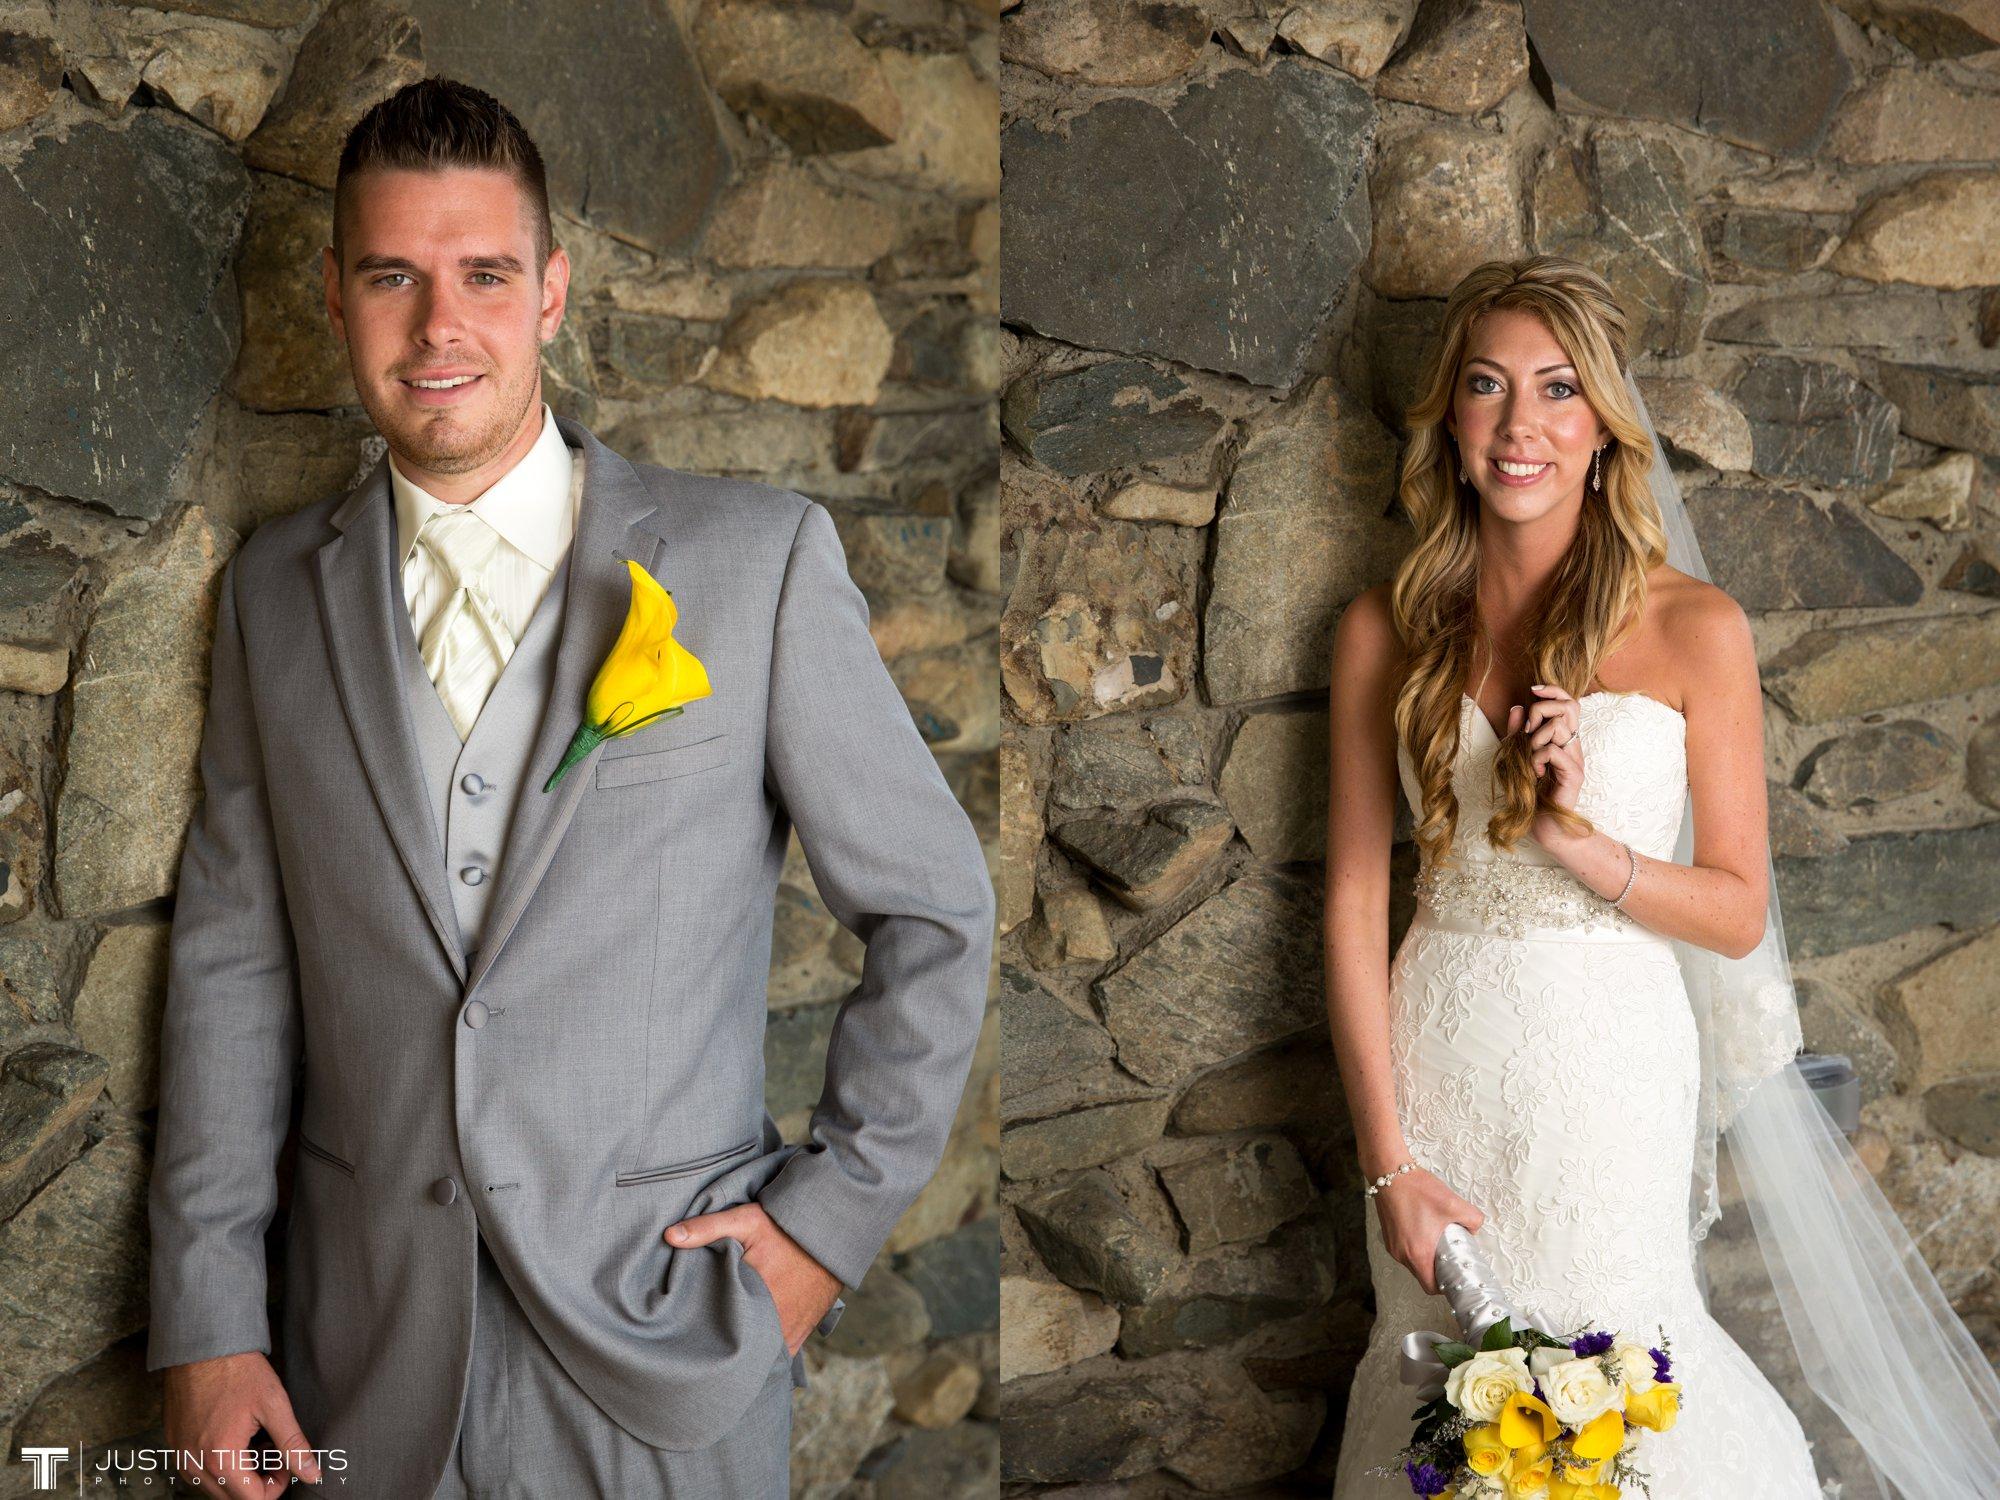 Albany NY Wedding Photographer Justin Tibbitts Photography 2014 Best of Albany NY Weddings-8913043